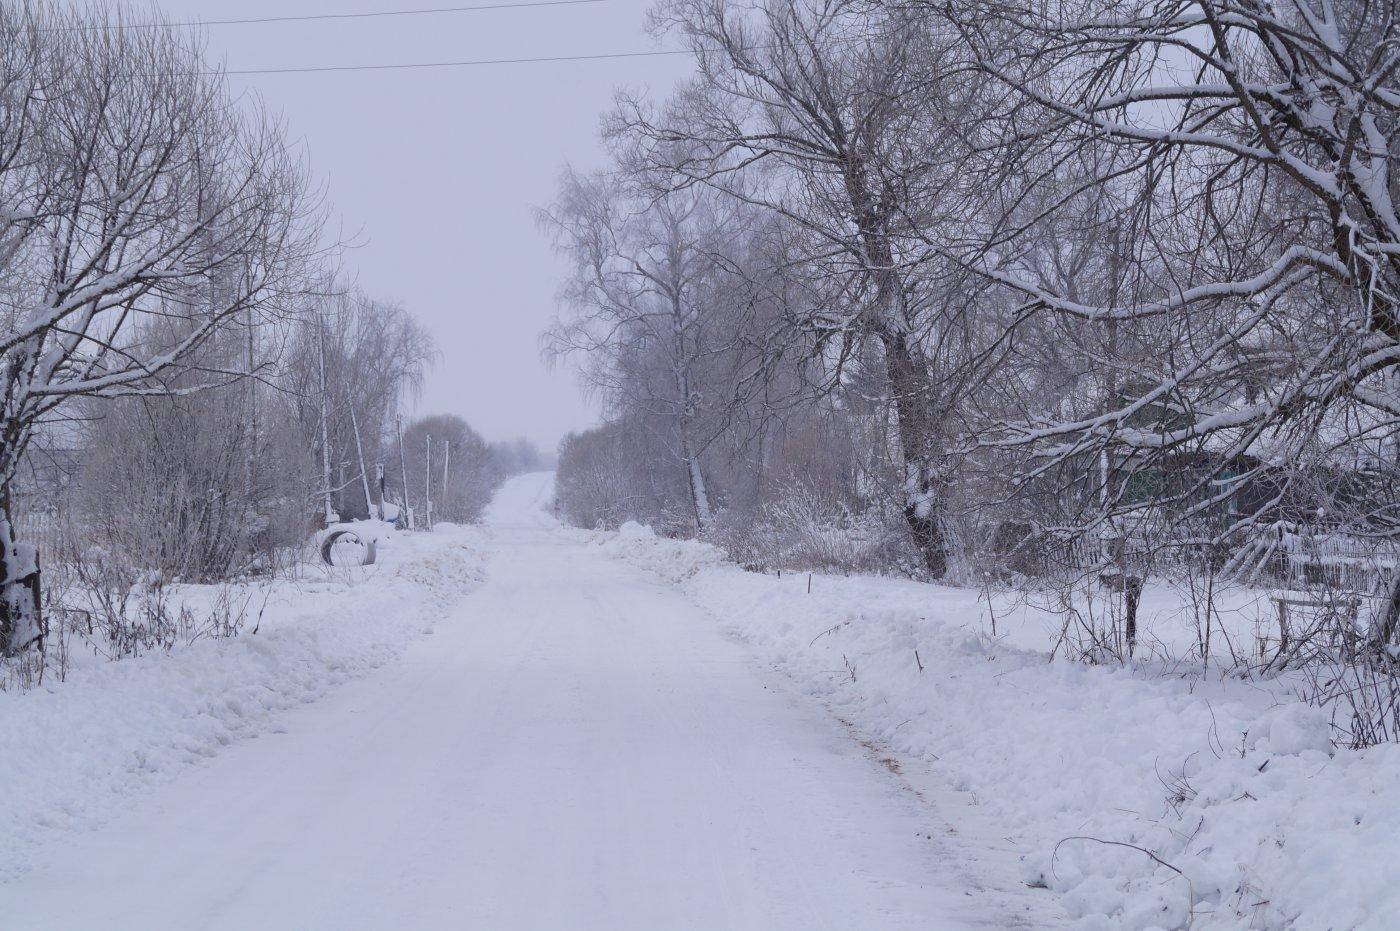 Фото DSC00320.JPG. Россия, Тверская область, Якимовская, Unnamed Road